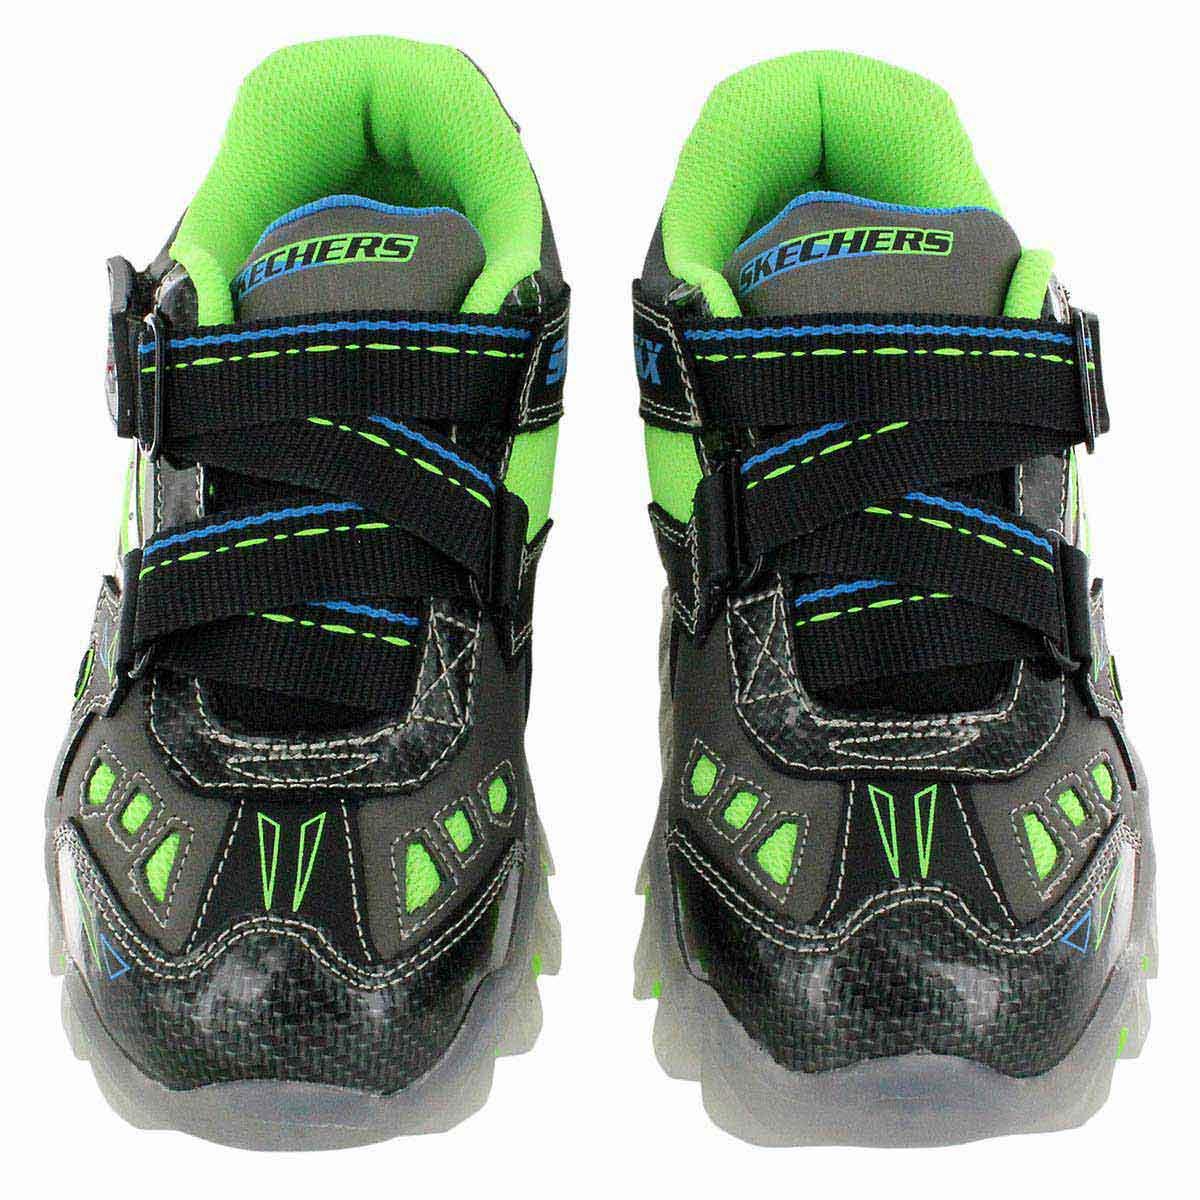 skechers light up shoes light up sneakers 90470l. Black Bedroom Furniture Sets. Home Design Ideas